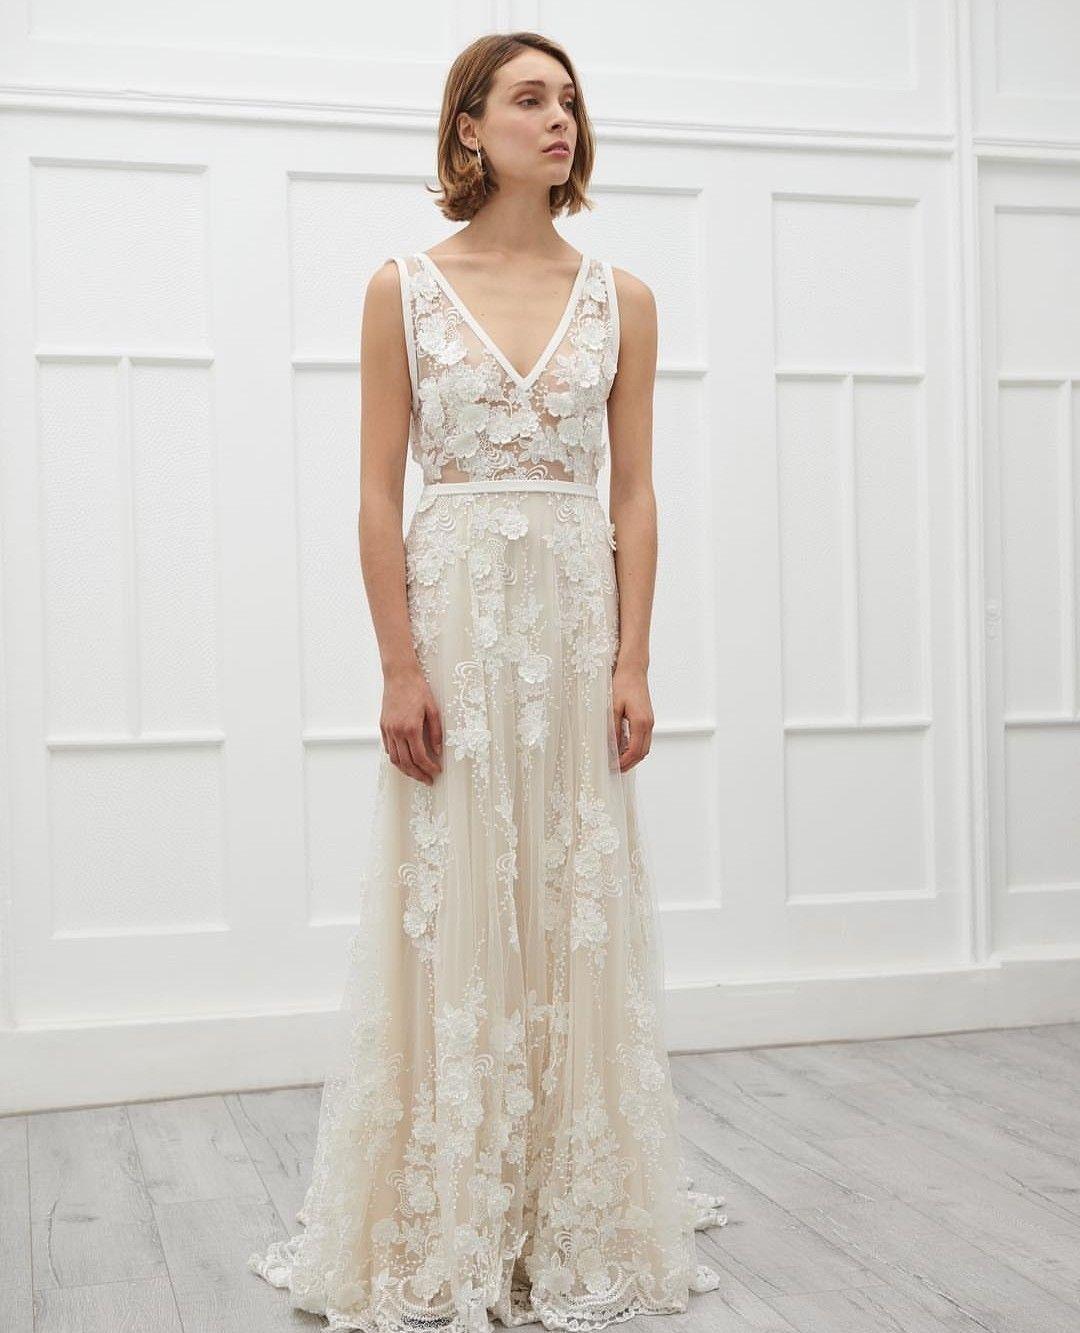 Savannah Wedding Gown Viktoriachan Bridal Dress Scandinavian Simple Design Modern